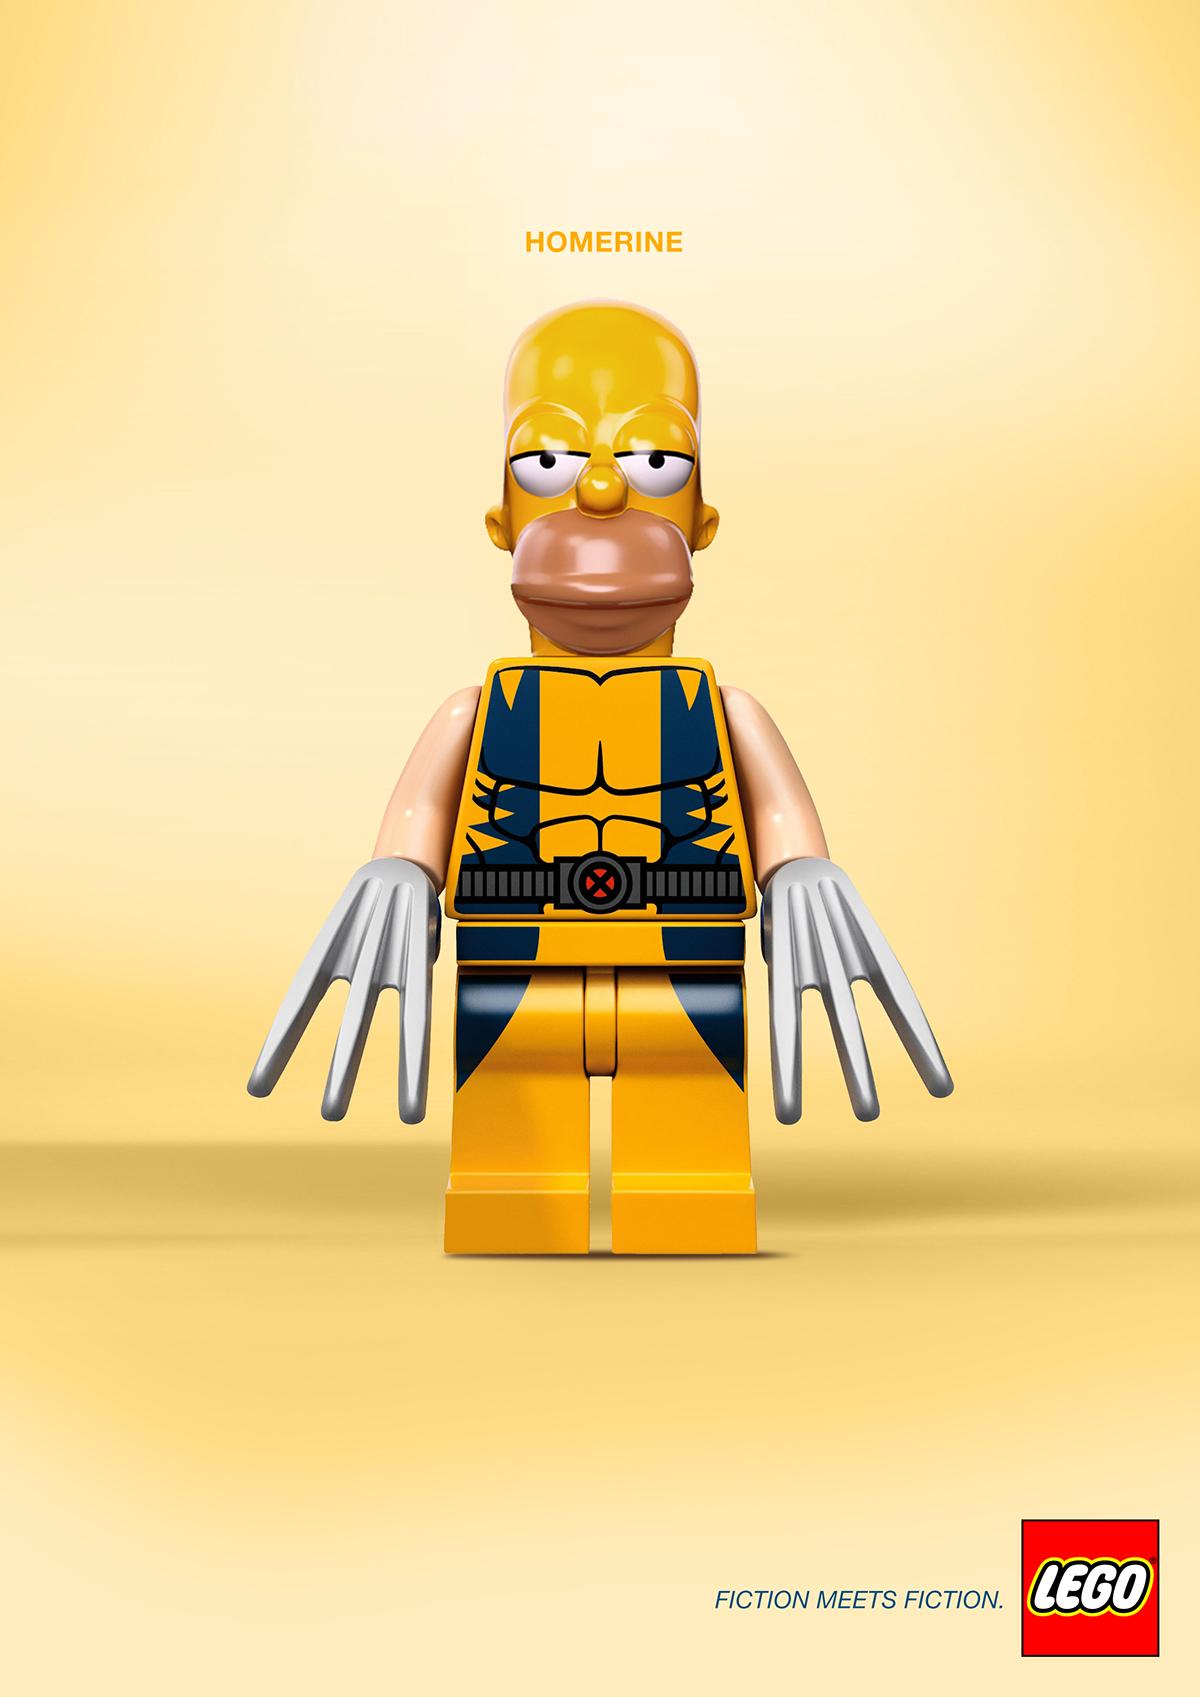 LEGO darth vader batman spiderman james bond Homer Simpson wolverine toy star wars x-men